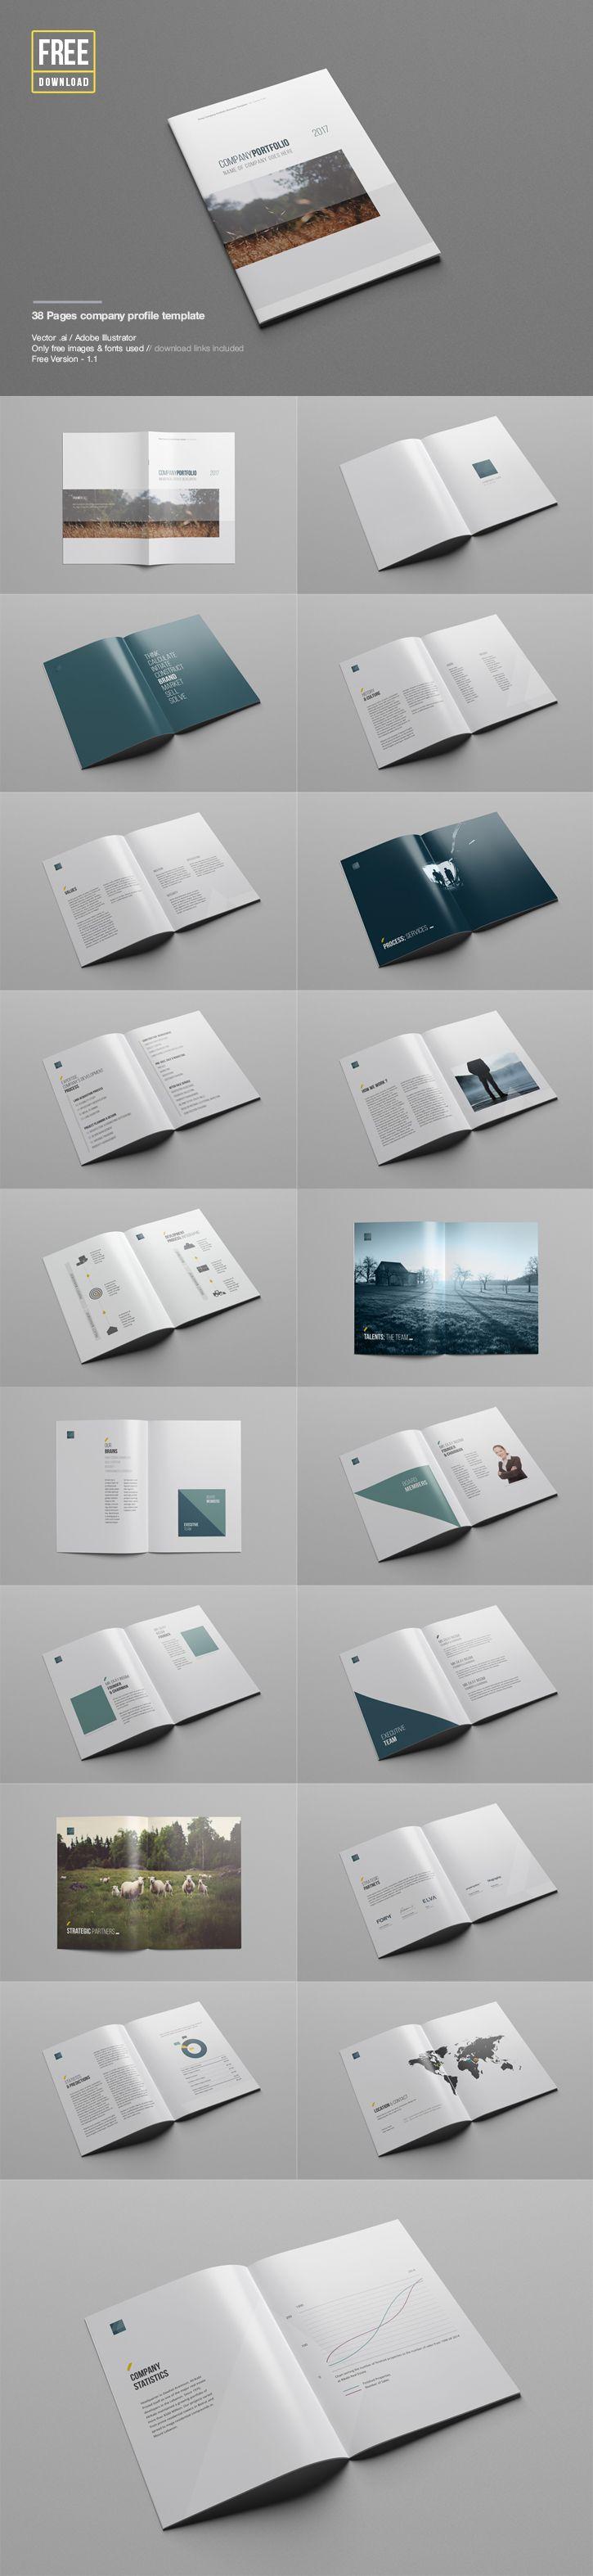 https://www.behance.net/gallery/24698007/Free-Company-Profile-Template